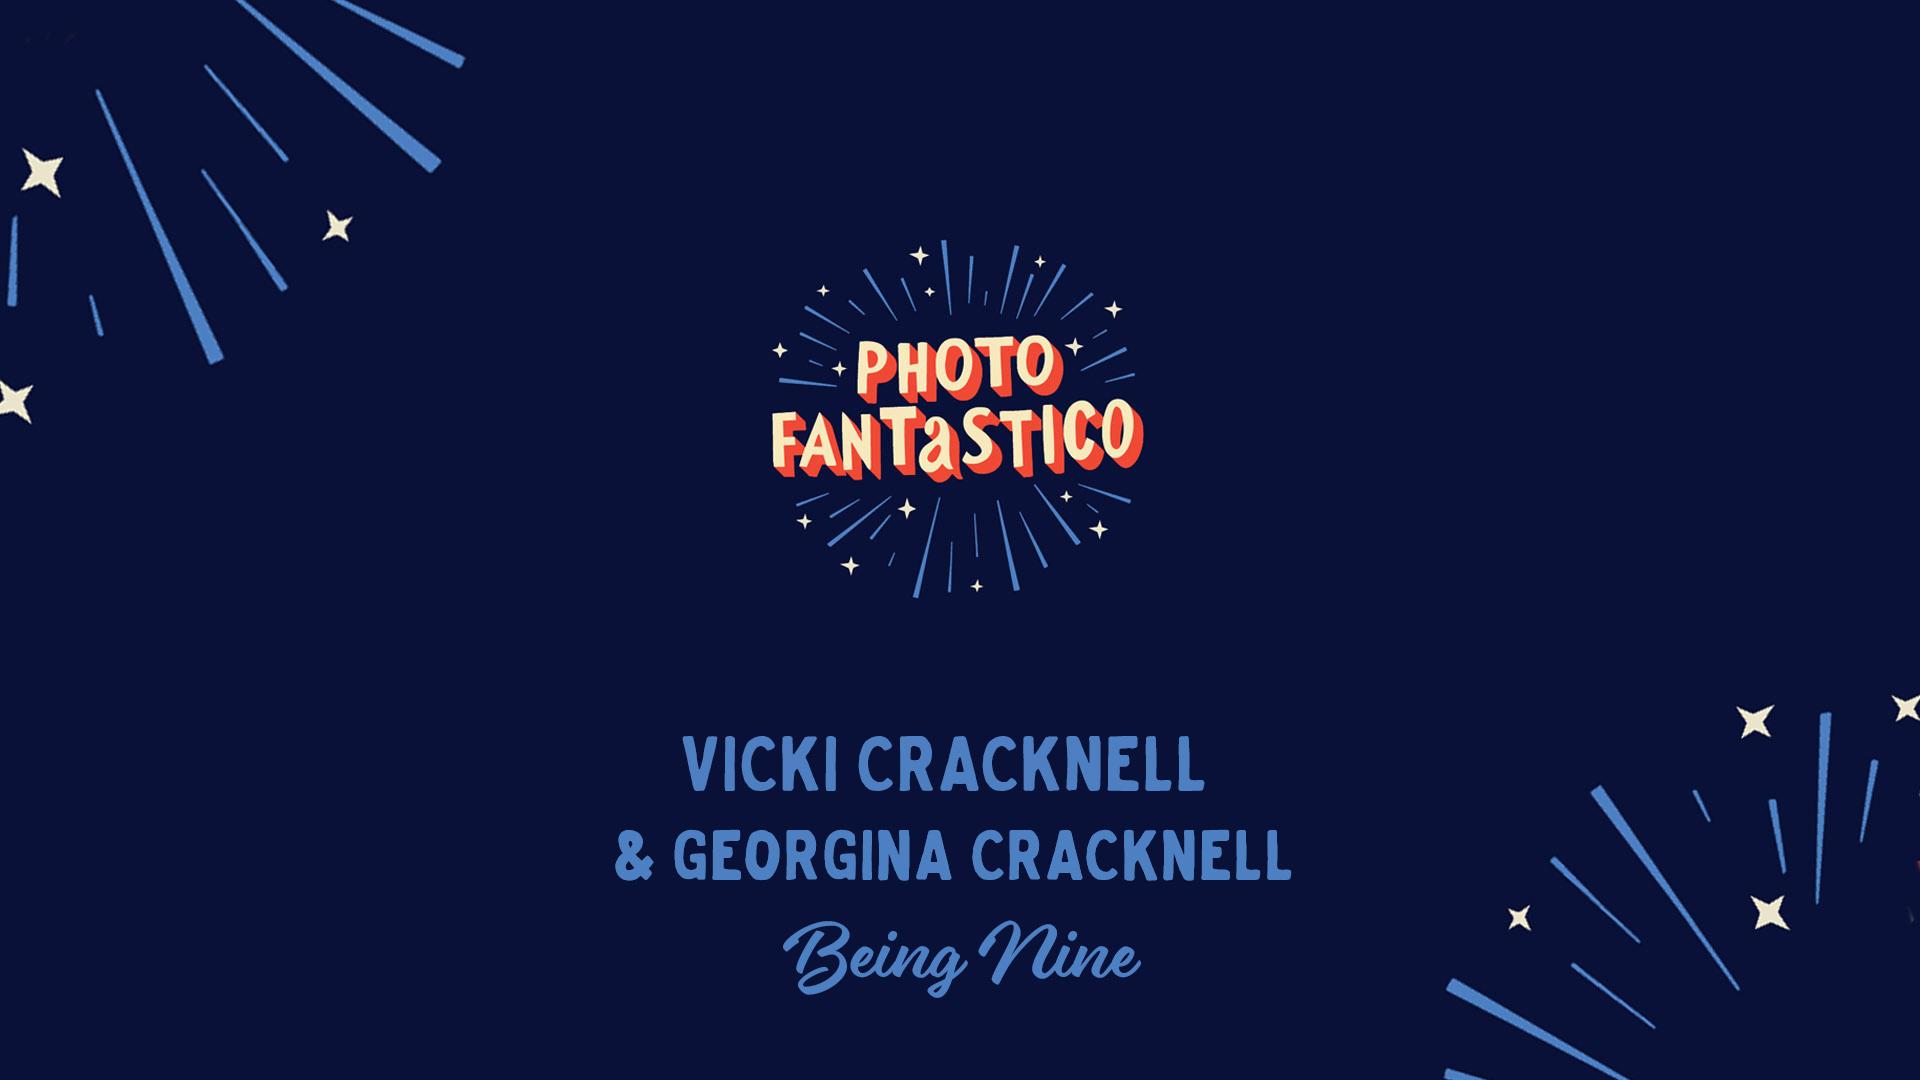 Vicki Cracknell